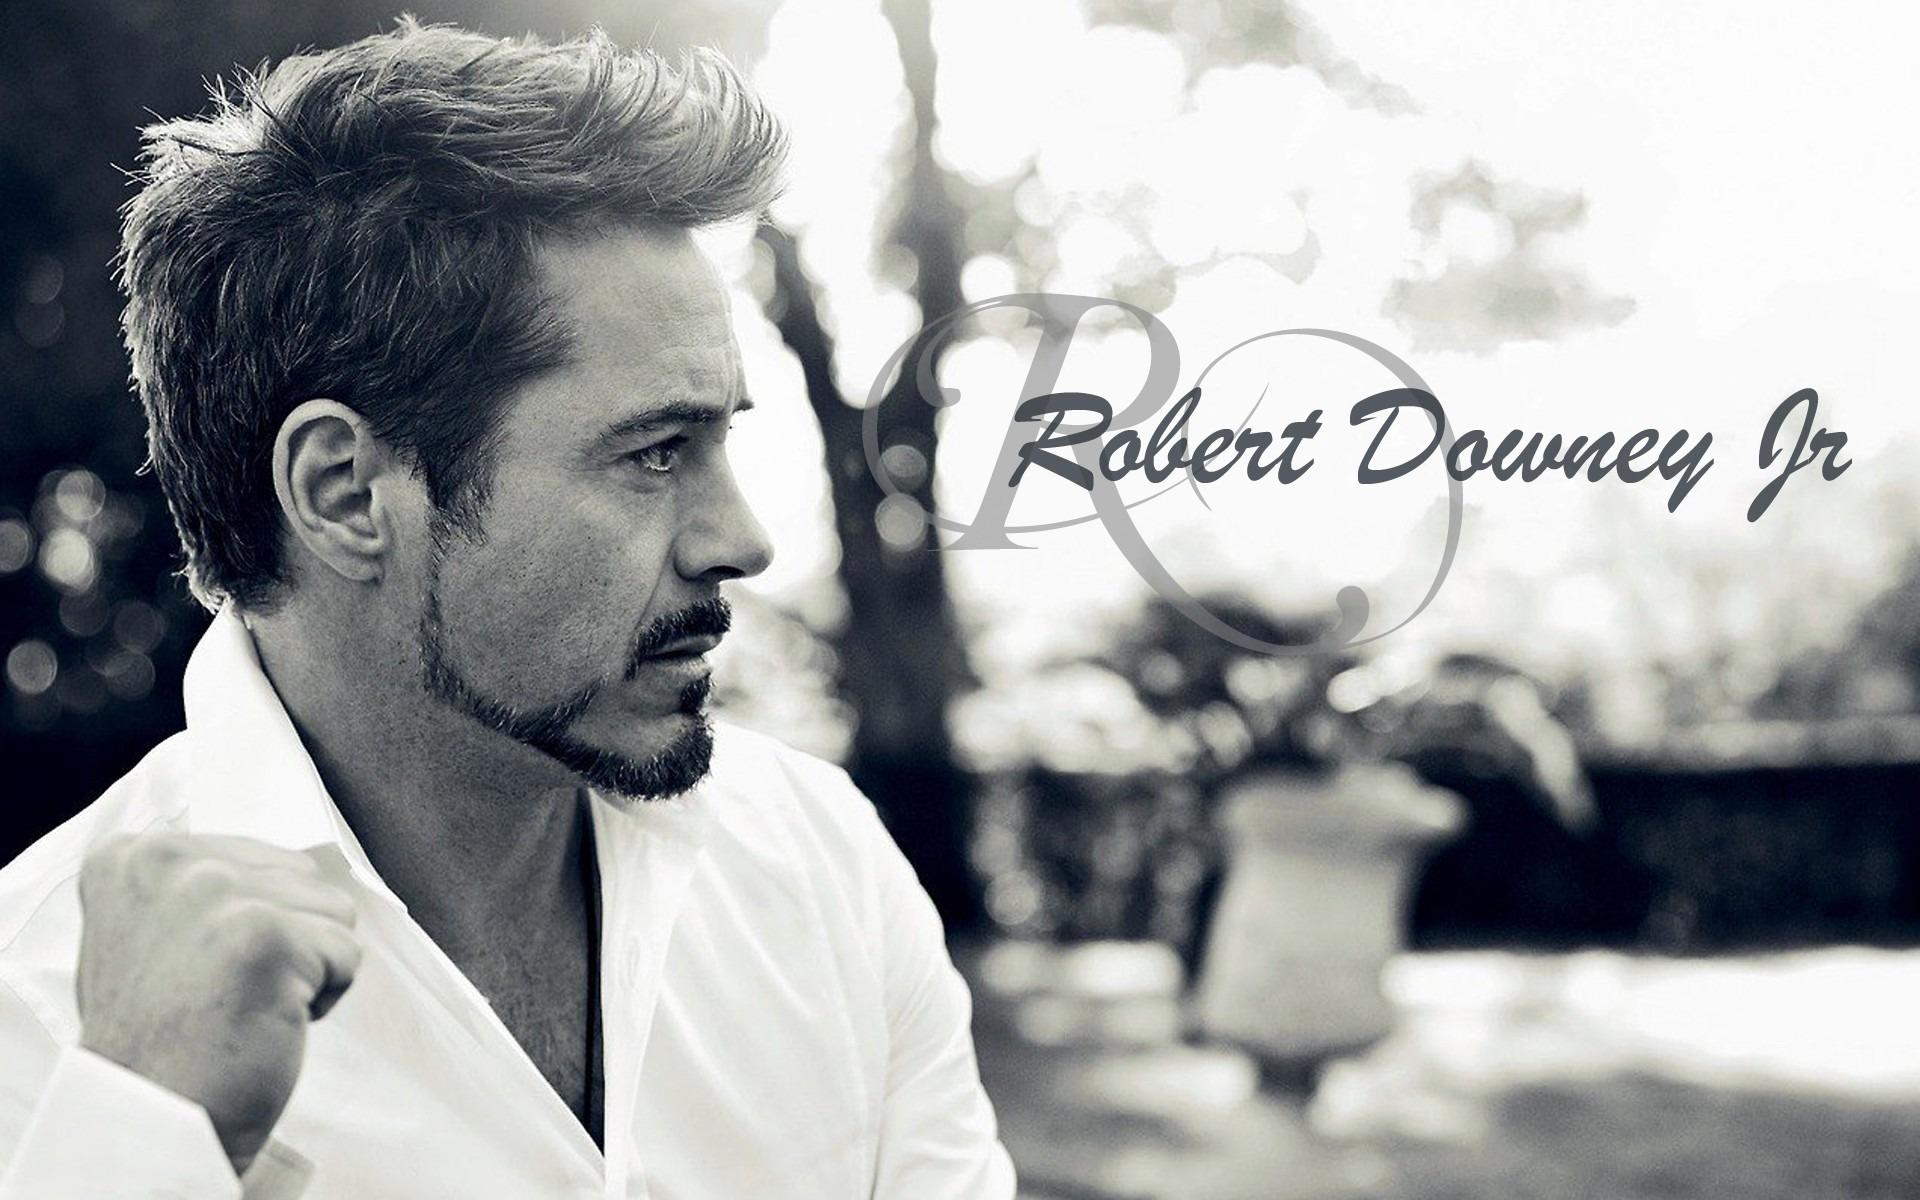 World's Top 10 Richest Actors in 2017, Robert Downey